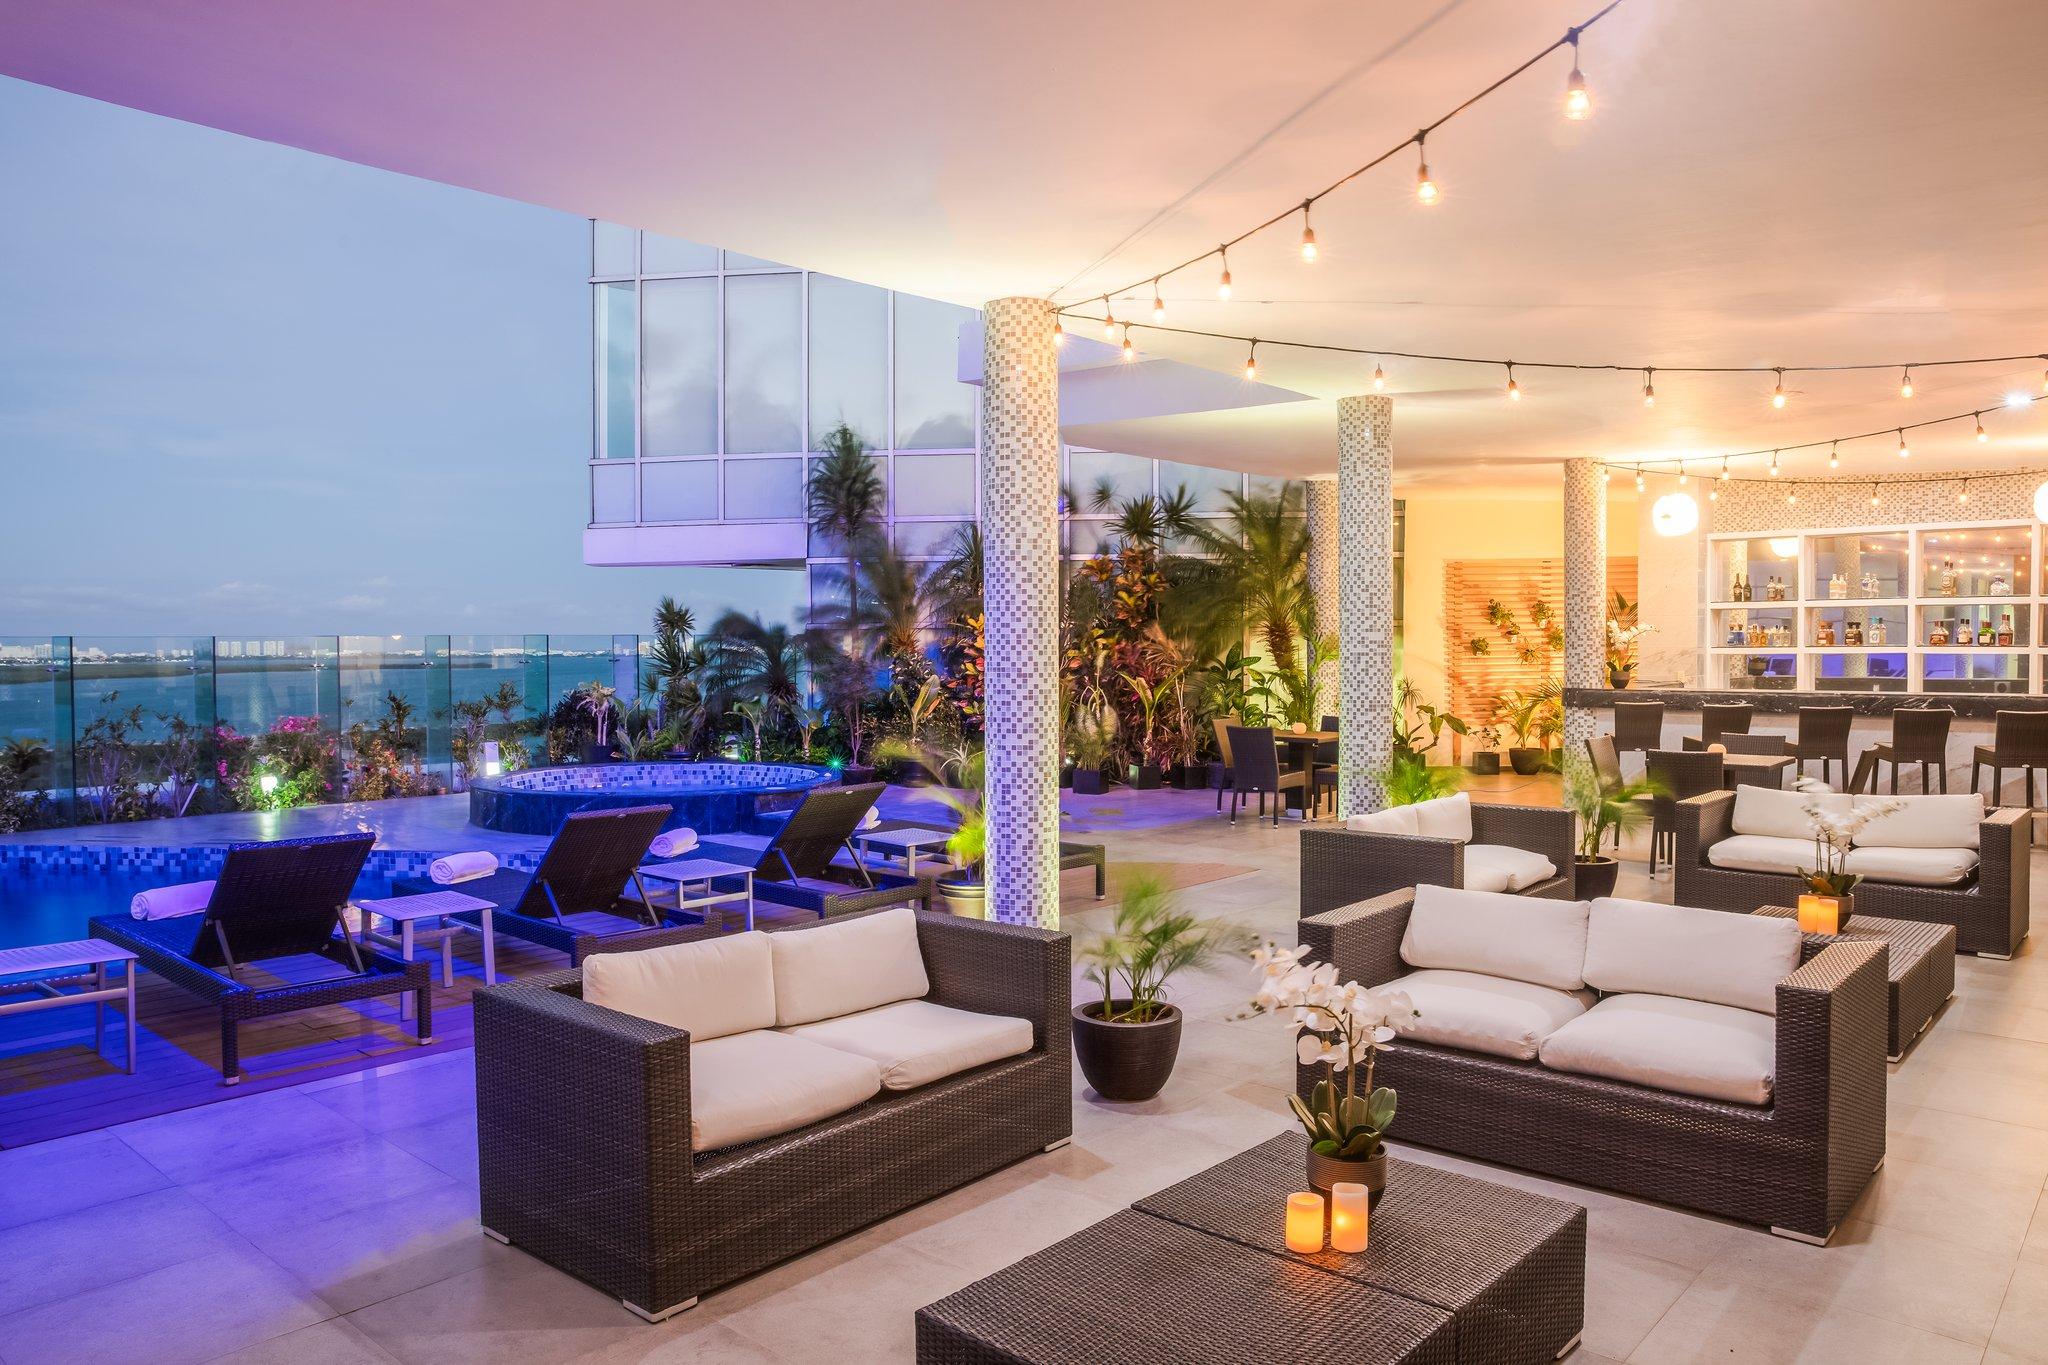 Fiesta Inn Cancun Las Americas